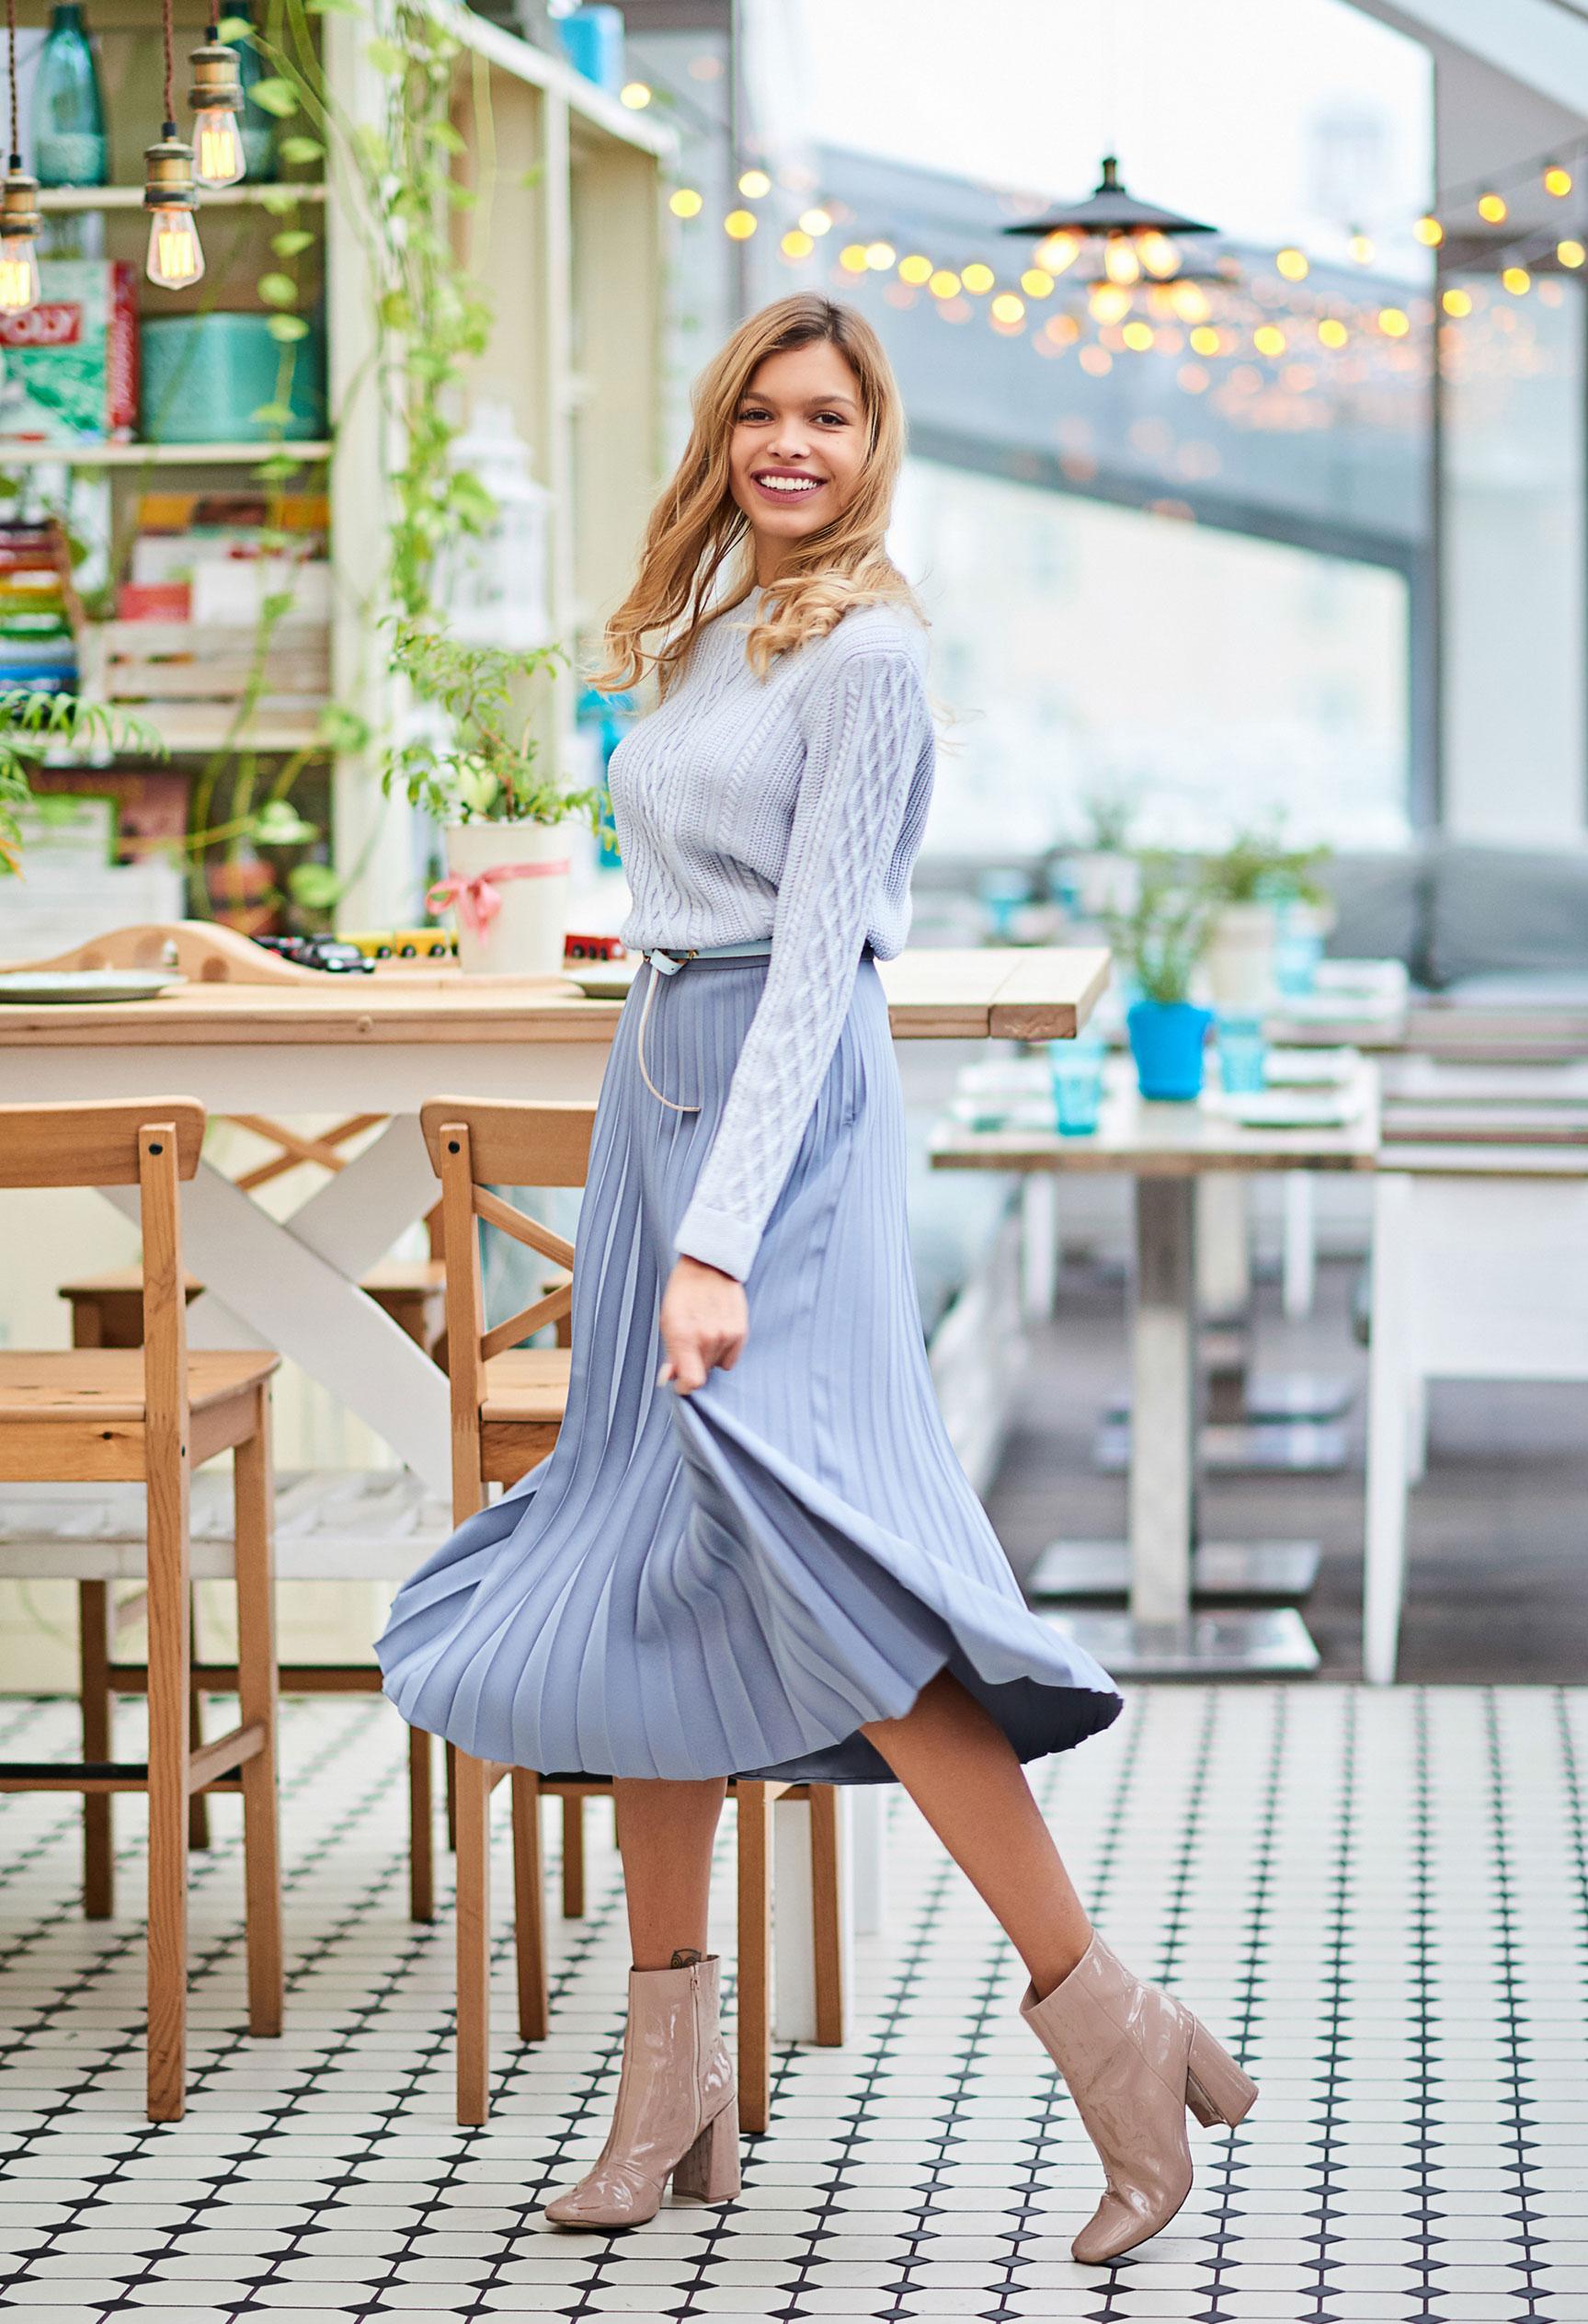 Анна Шорникова демонстрирует новогодние модели женской одежды модного бренда T-Skirt / фото 07